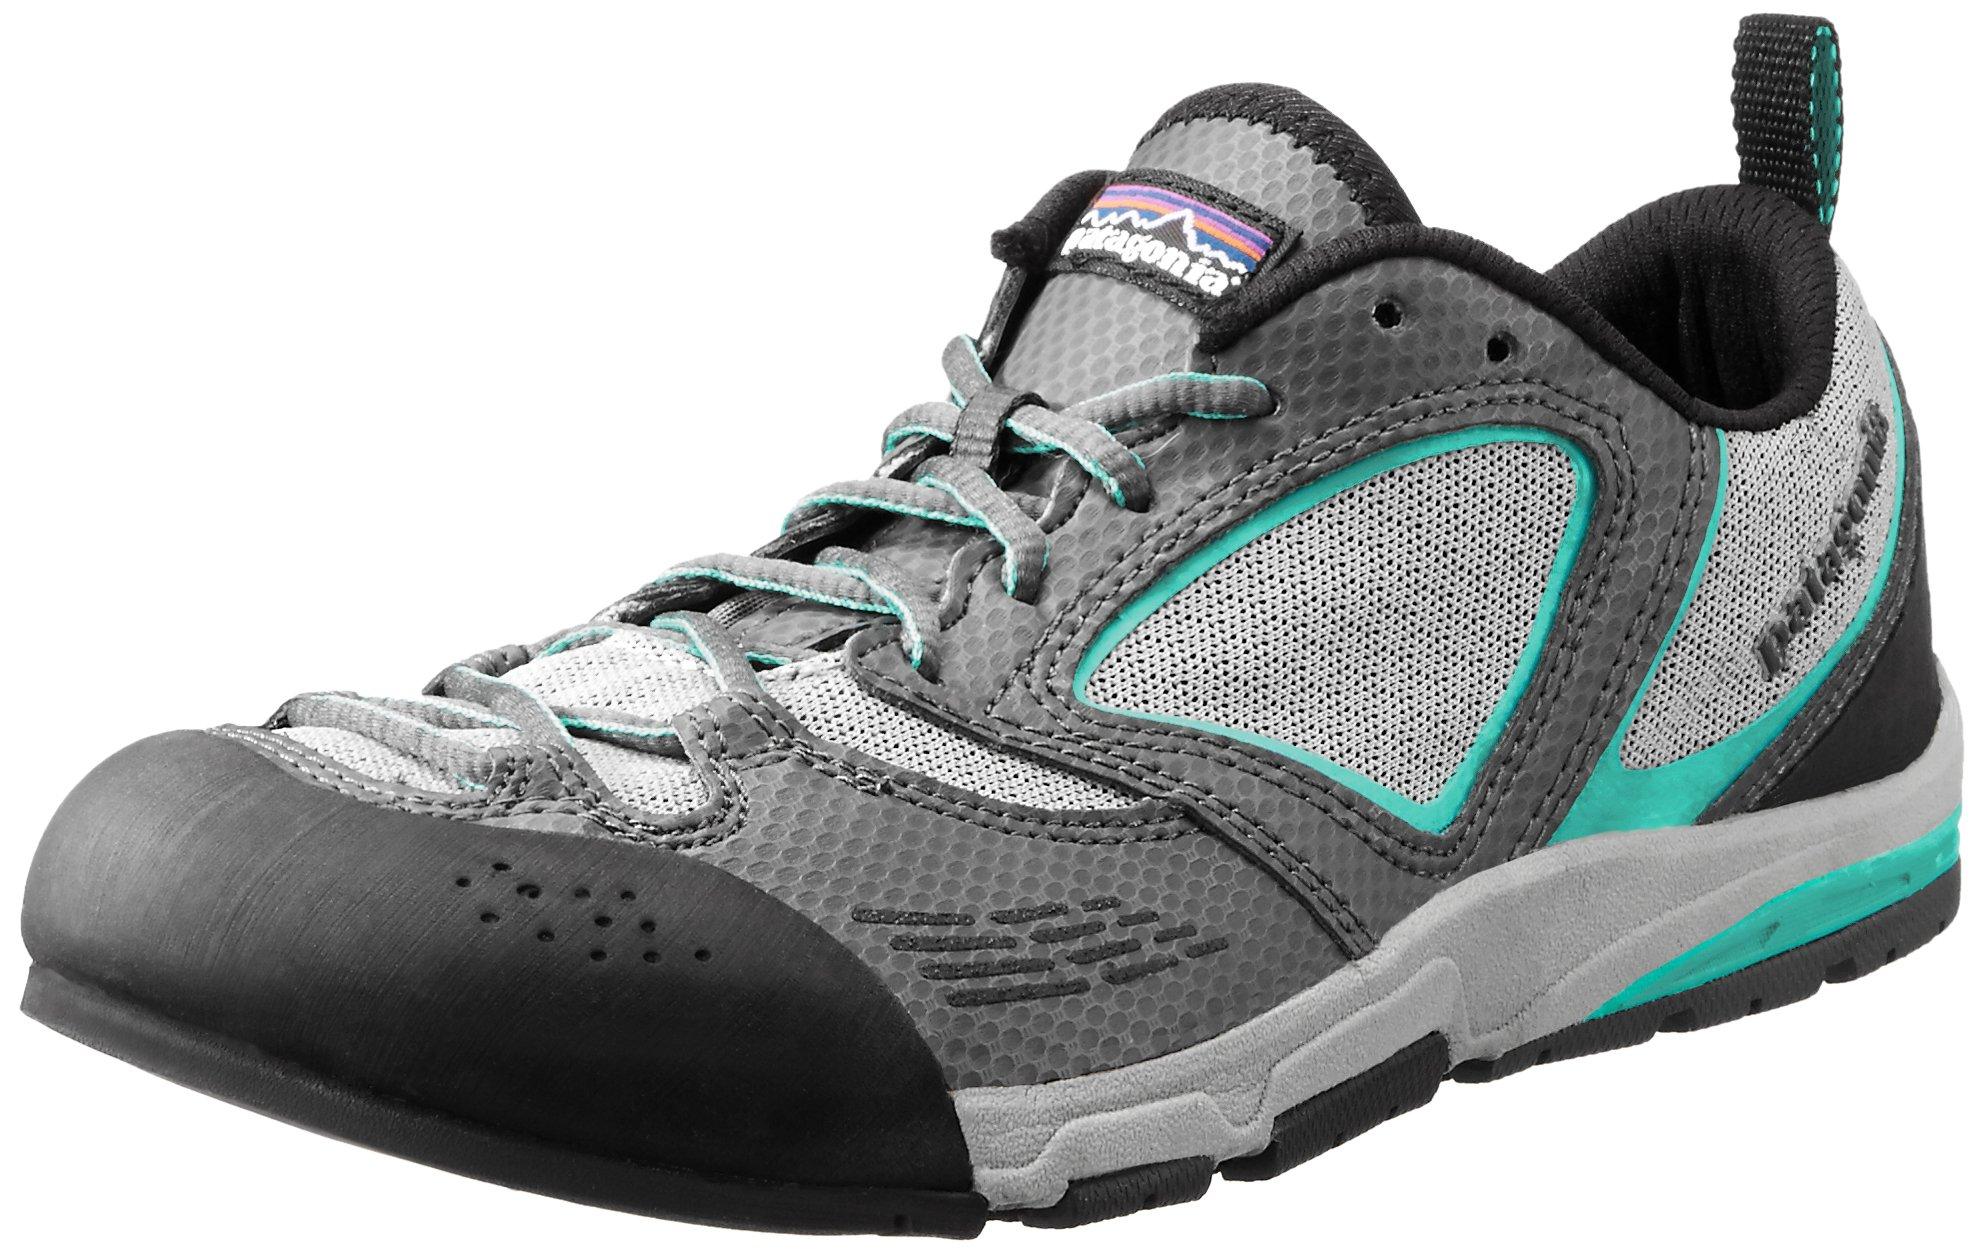 Patagonia - Zapatillas de Running para Mujer, Color, Talla 37,5 EU (M): Amazon.es: Zapatos y complementos